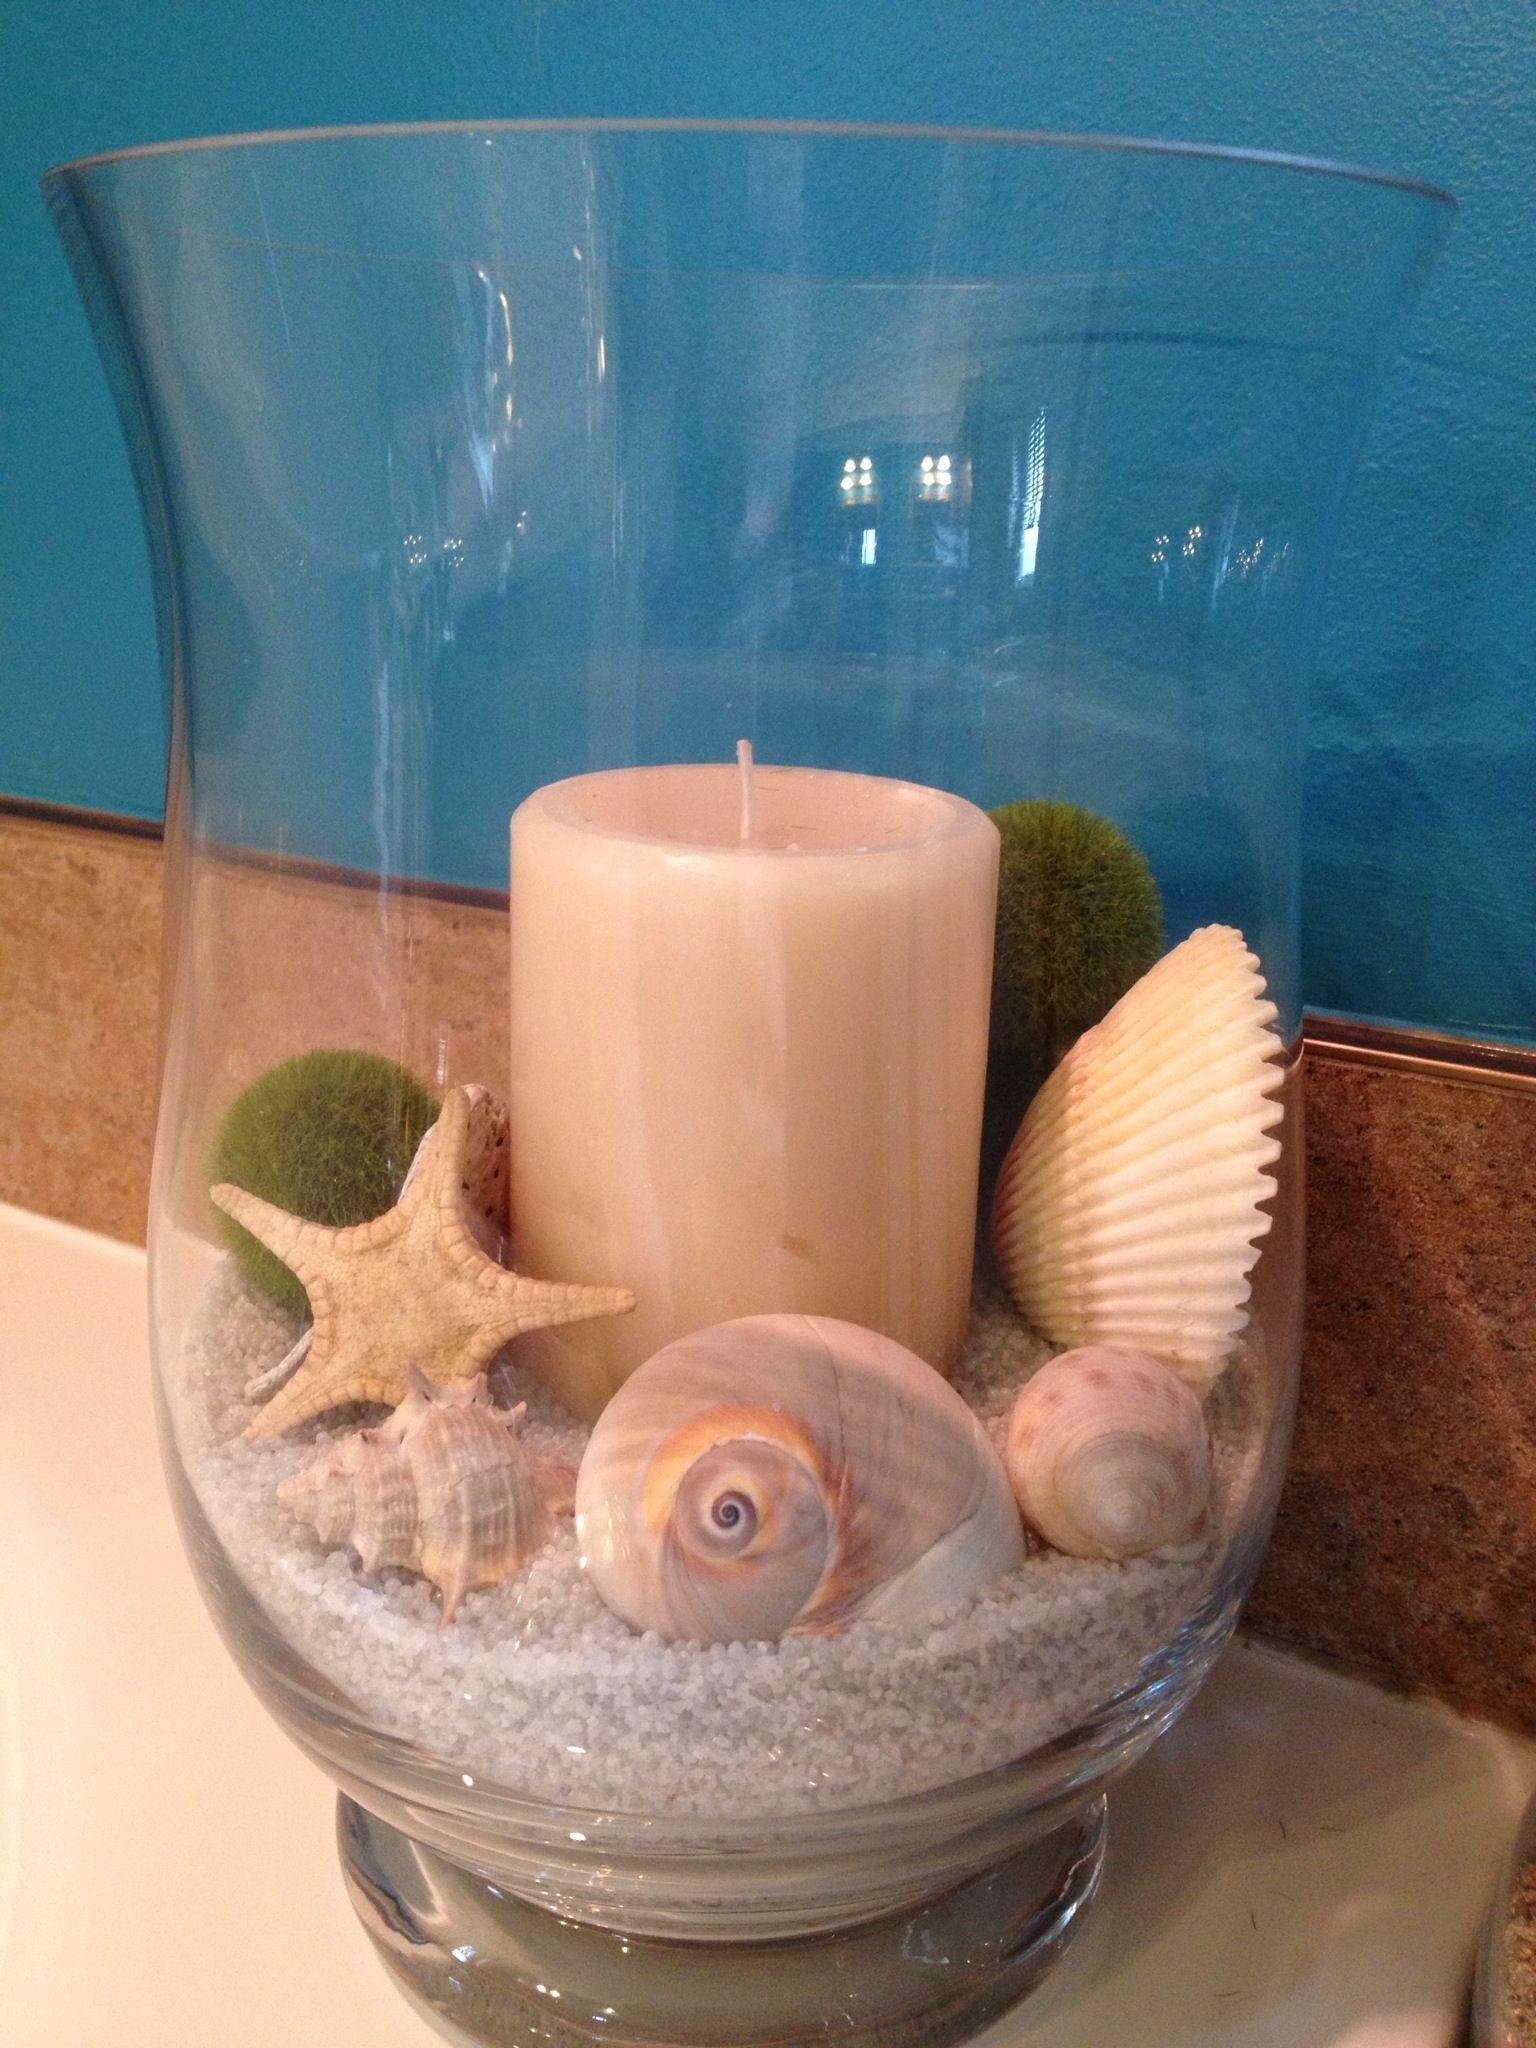 Shells Group @ Amazon.com:  Sea shell decor, Seashell bathroom